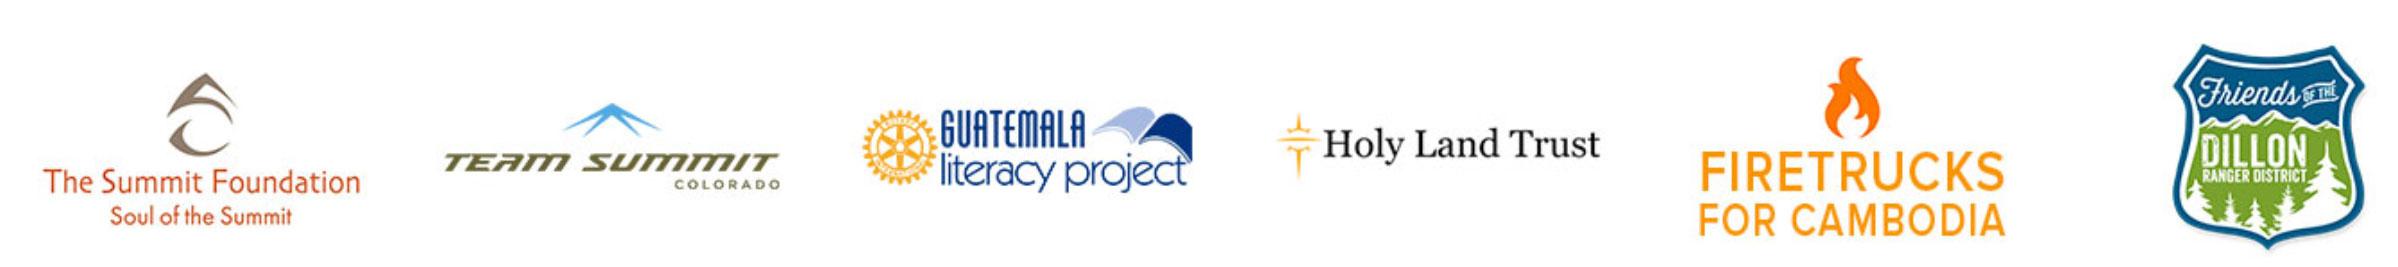 logo-slide1.jpg